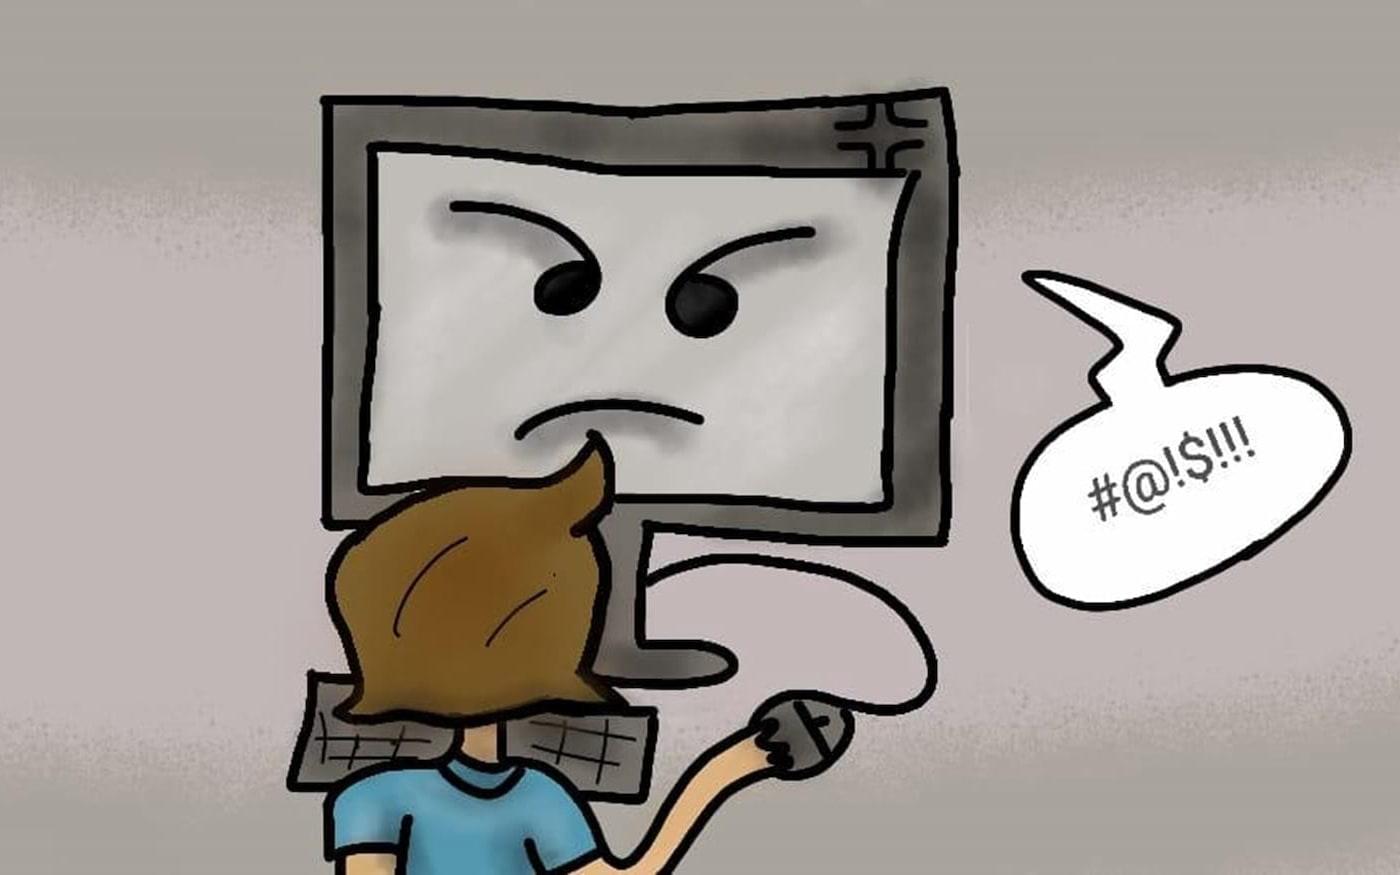 Como denunciar anonimamente discurso de ódio no Twitter e no Facebook